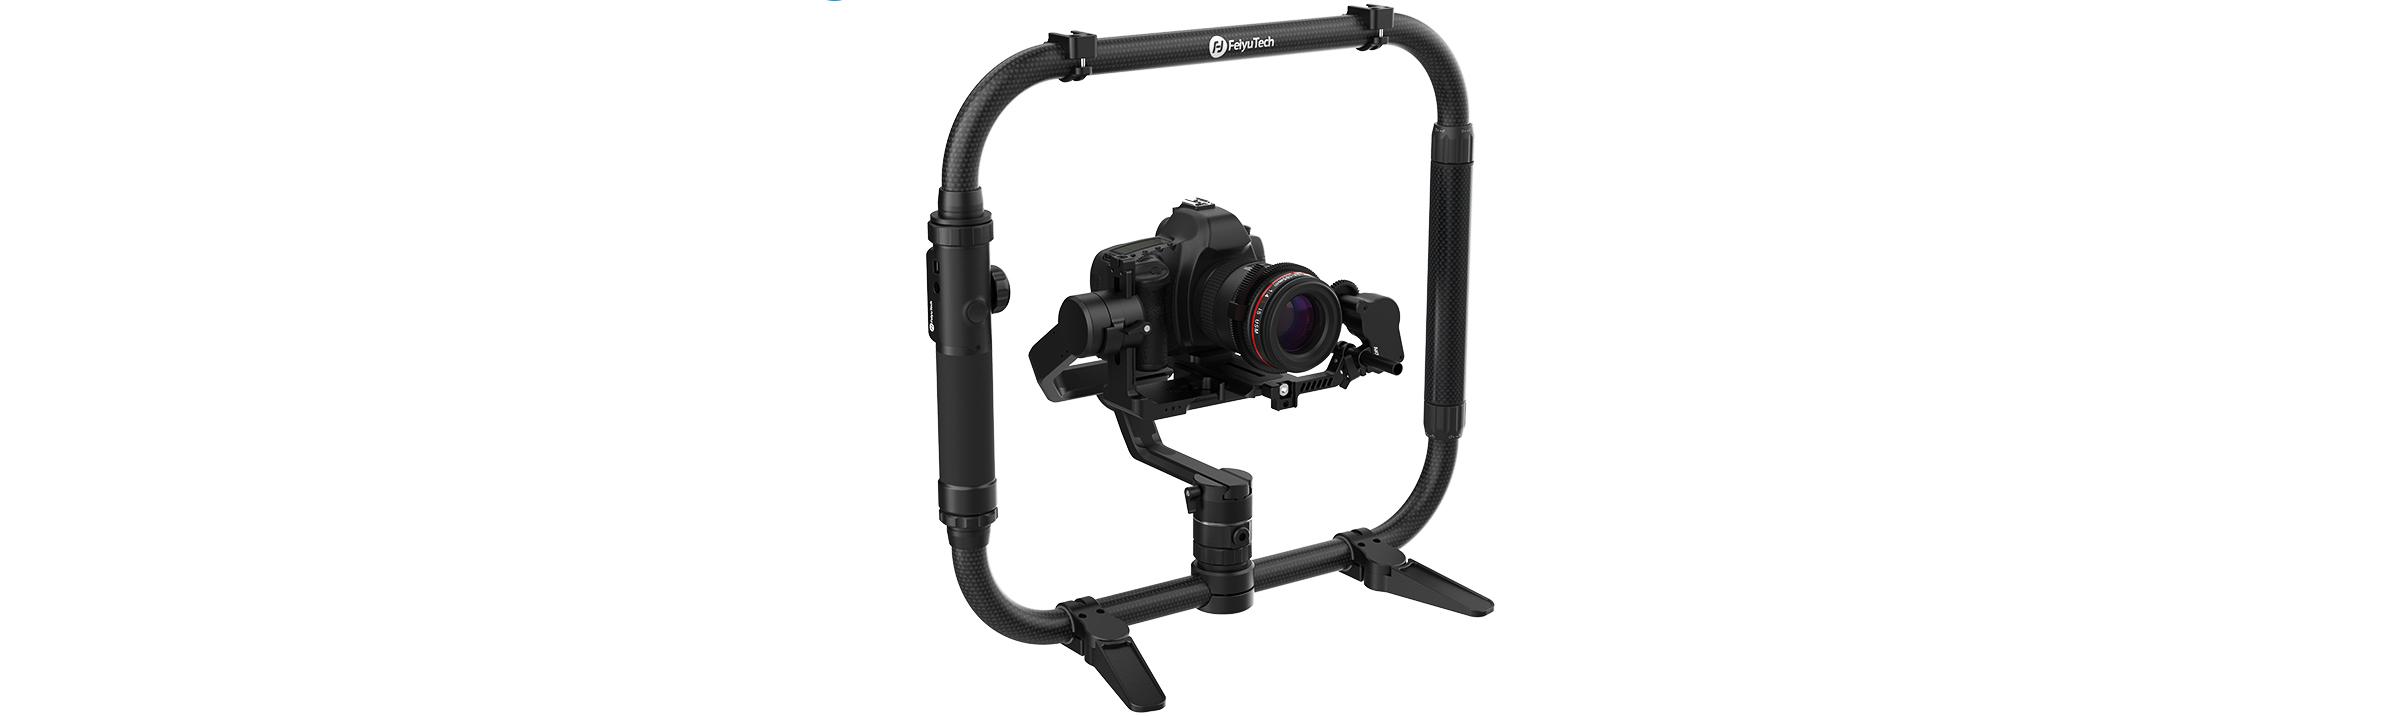 Stabilisateur FeiyuTech AK4000, follow focus Ring 2 et double poignée